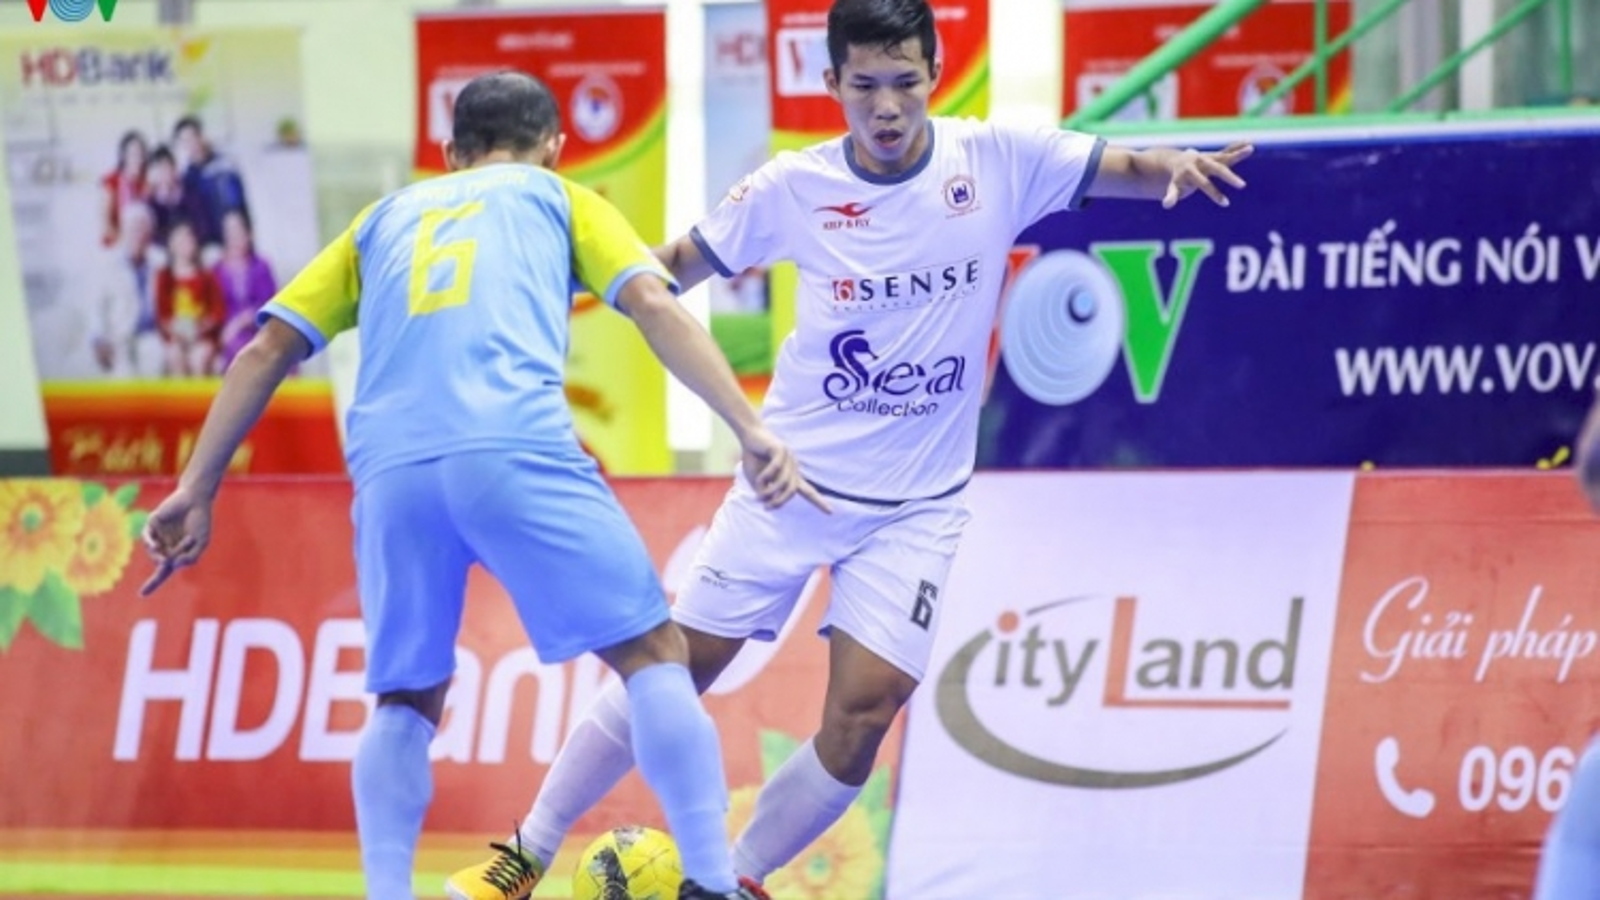 Xem trực tiếp Futsal HDBank VĐQG 2020: Cao Bằng - Tân Hiệp Hưng